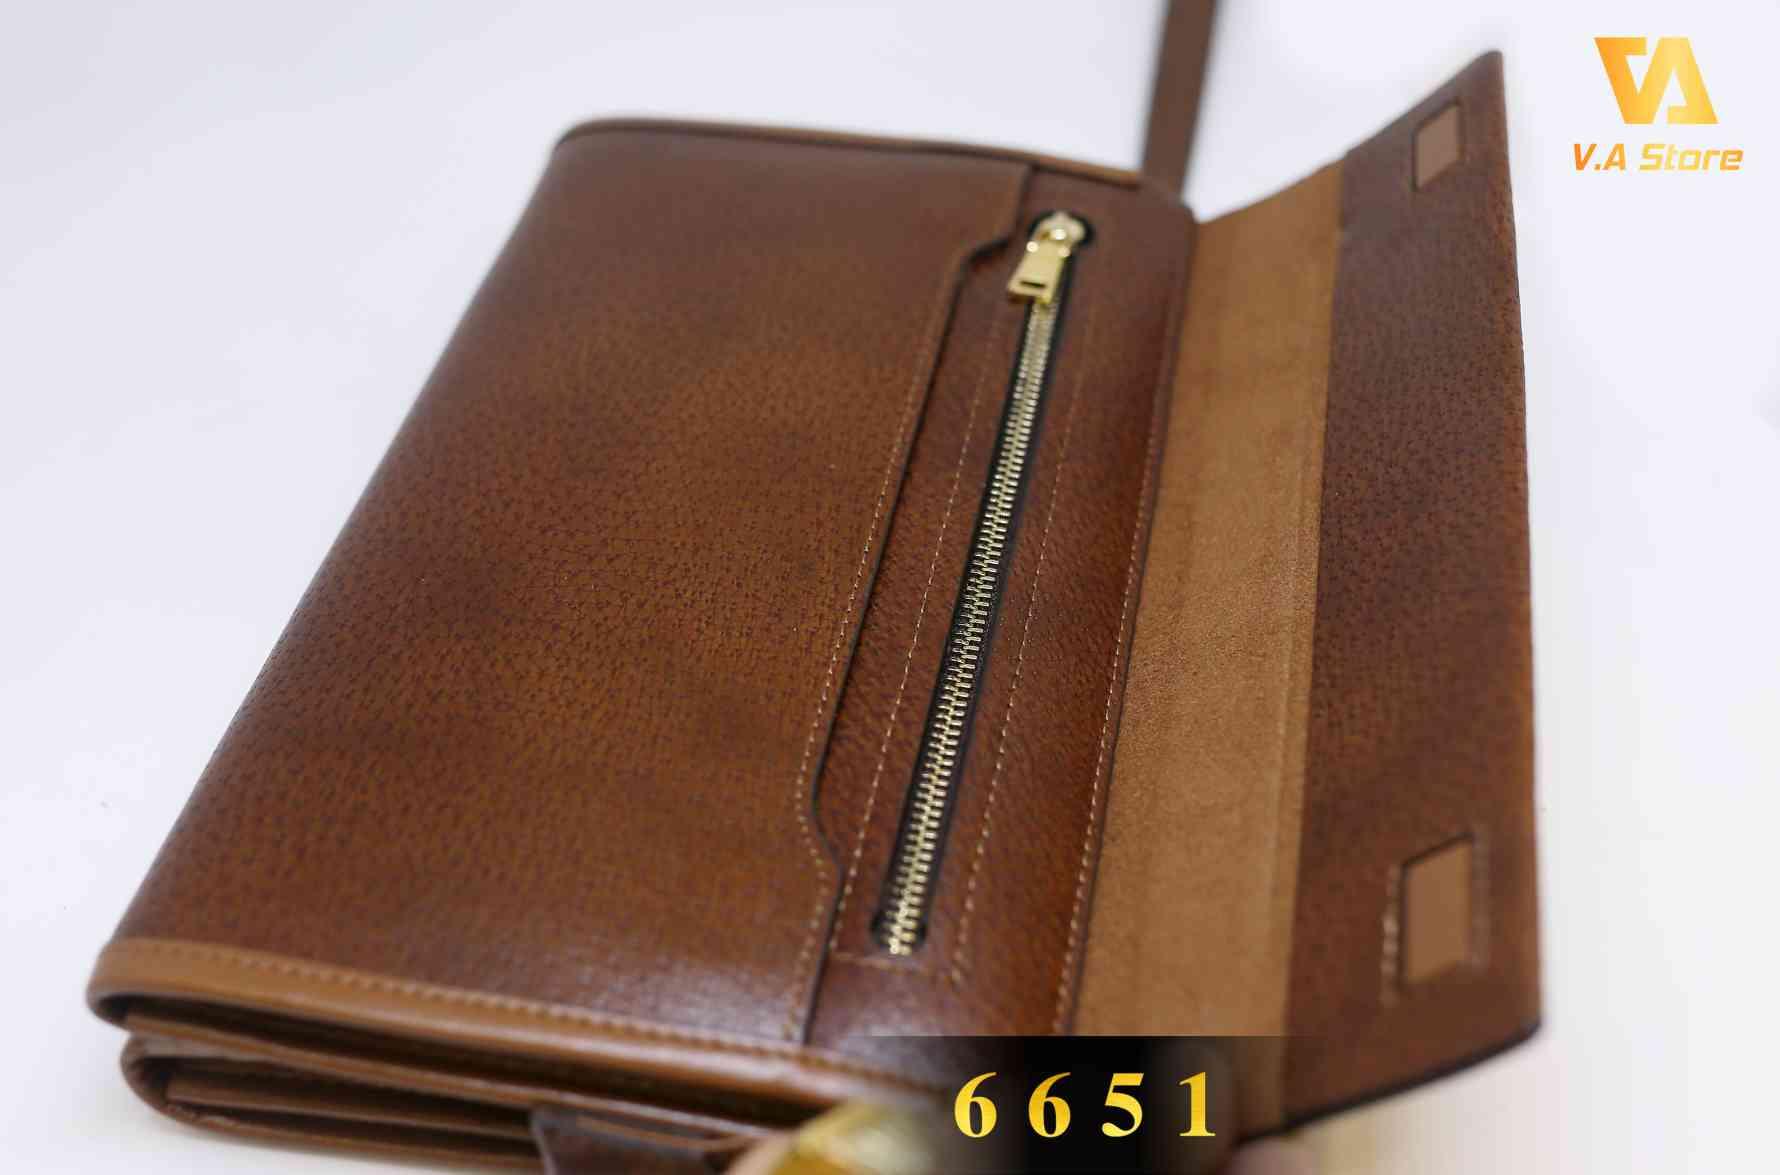 Ví Clutch cầm tay giá rẻ Boshi X6651Ví Clutch cầm tay giá rẻ Boshi X6651